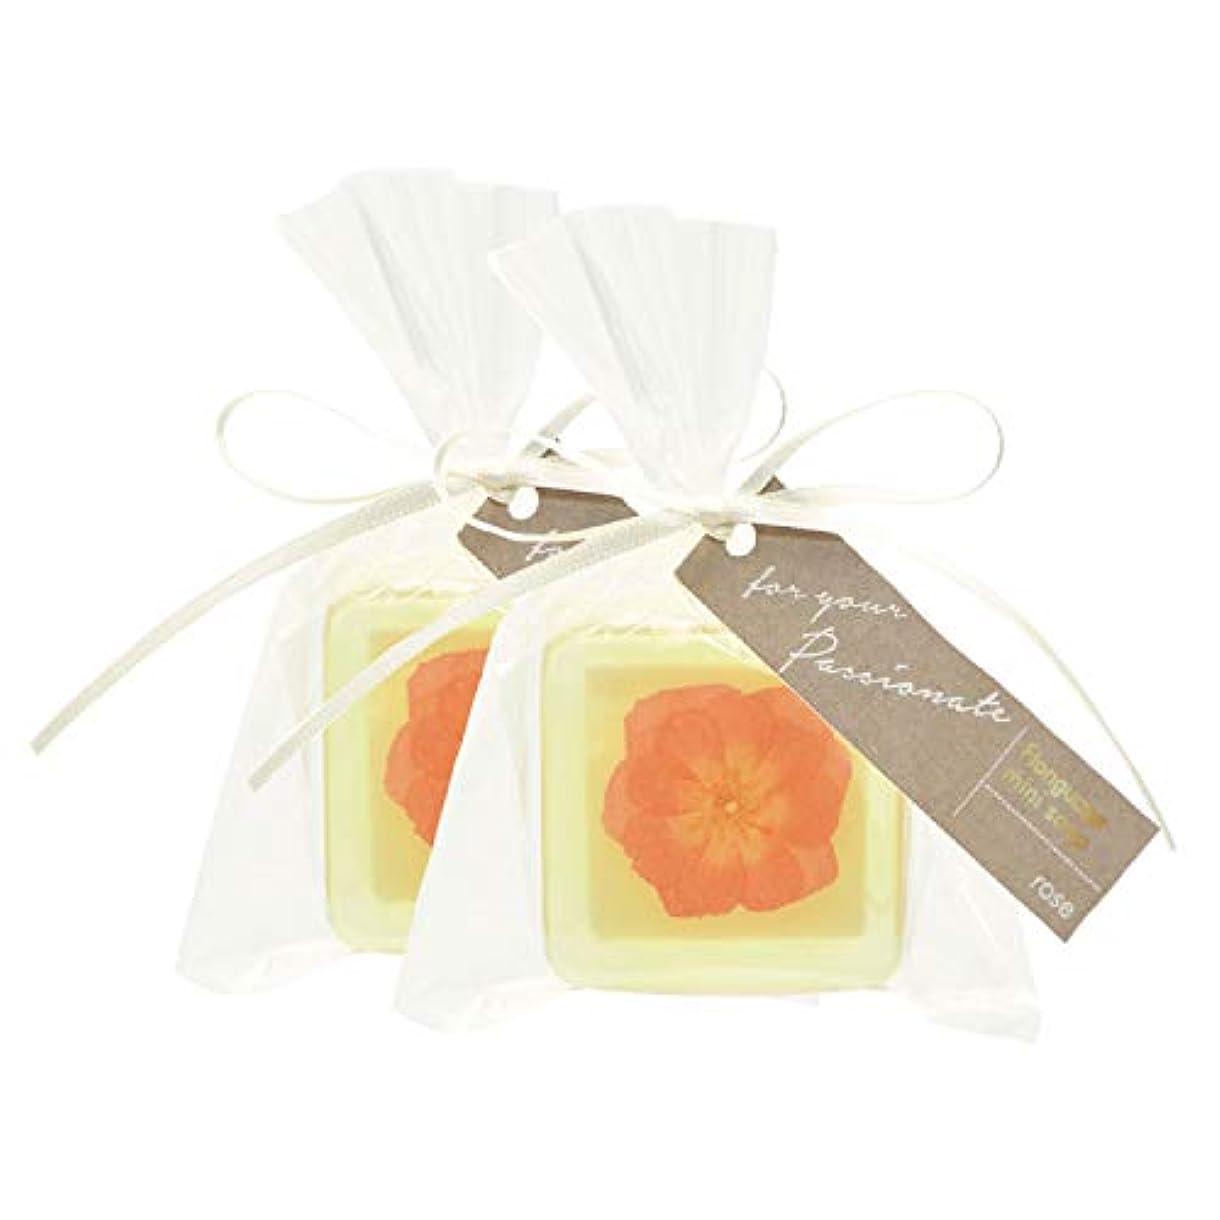 独立してニコチン銅ノルコーポレーション 石けん フランゲージ ミニソープ 2個セット 柑橘の香り OB-FMS-1-2